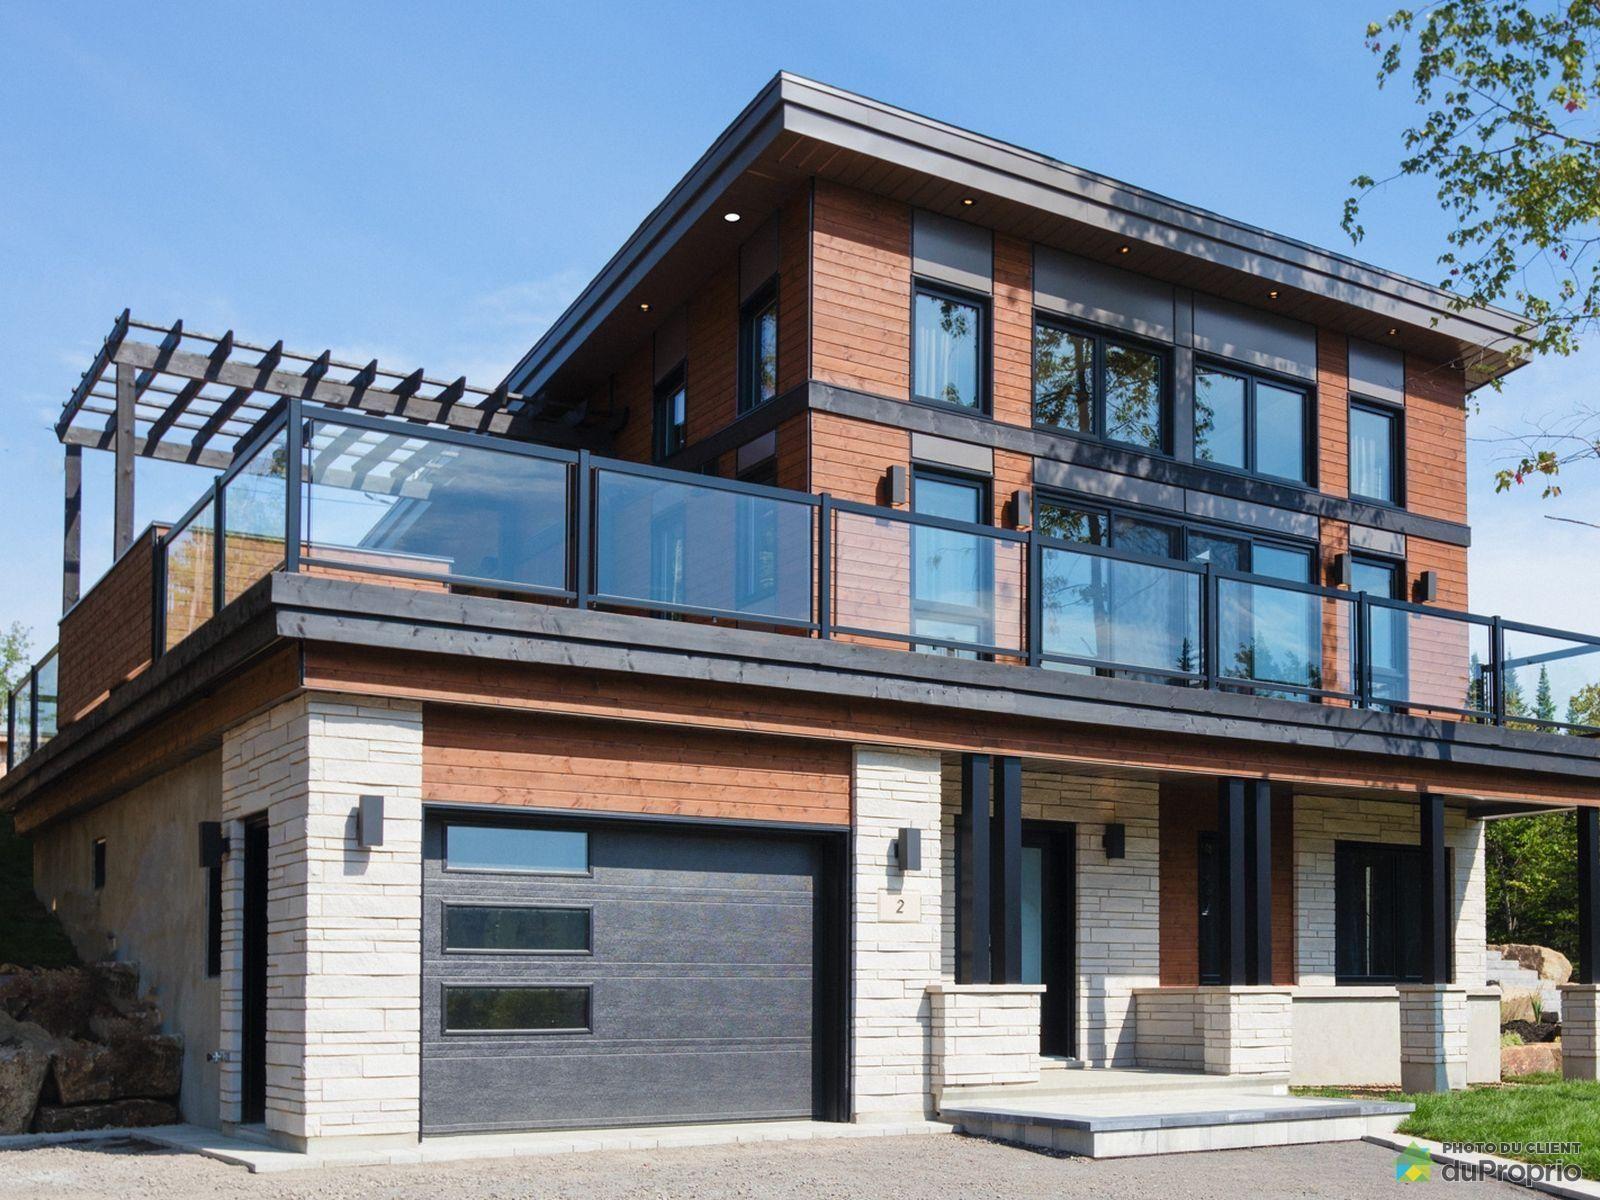 Lac Beauport Propriétés Neuves Maisons à Vendre Duproprio Prefabricated Houses House Designs Exterior House Exterior